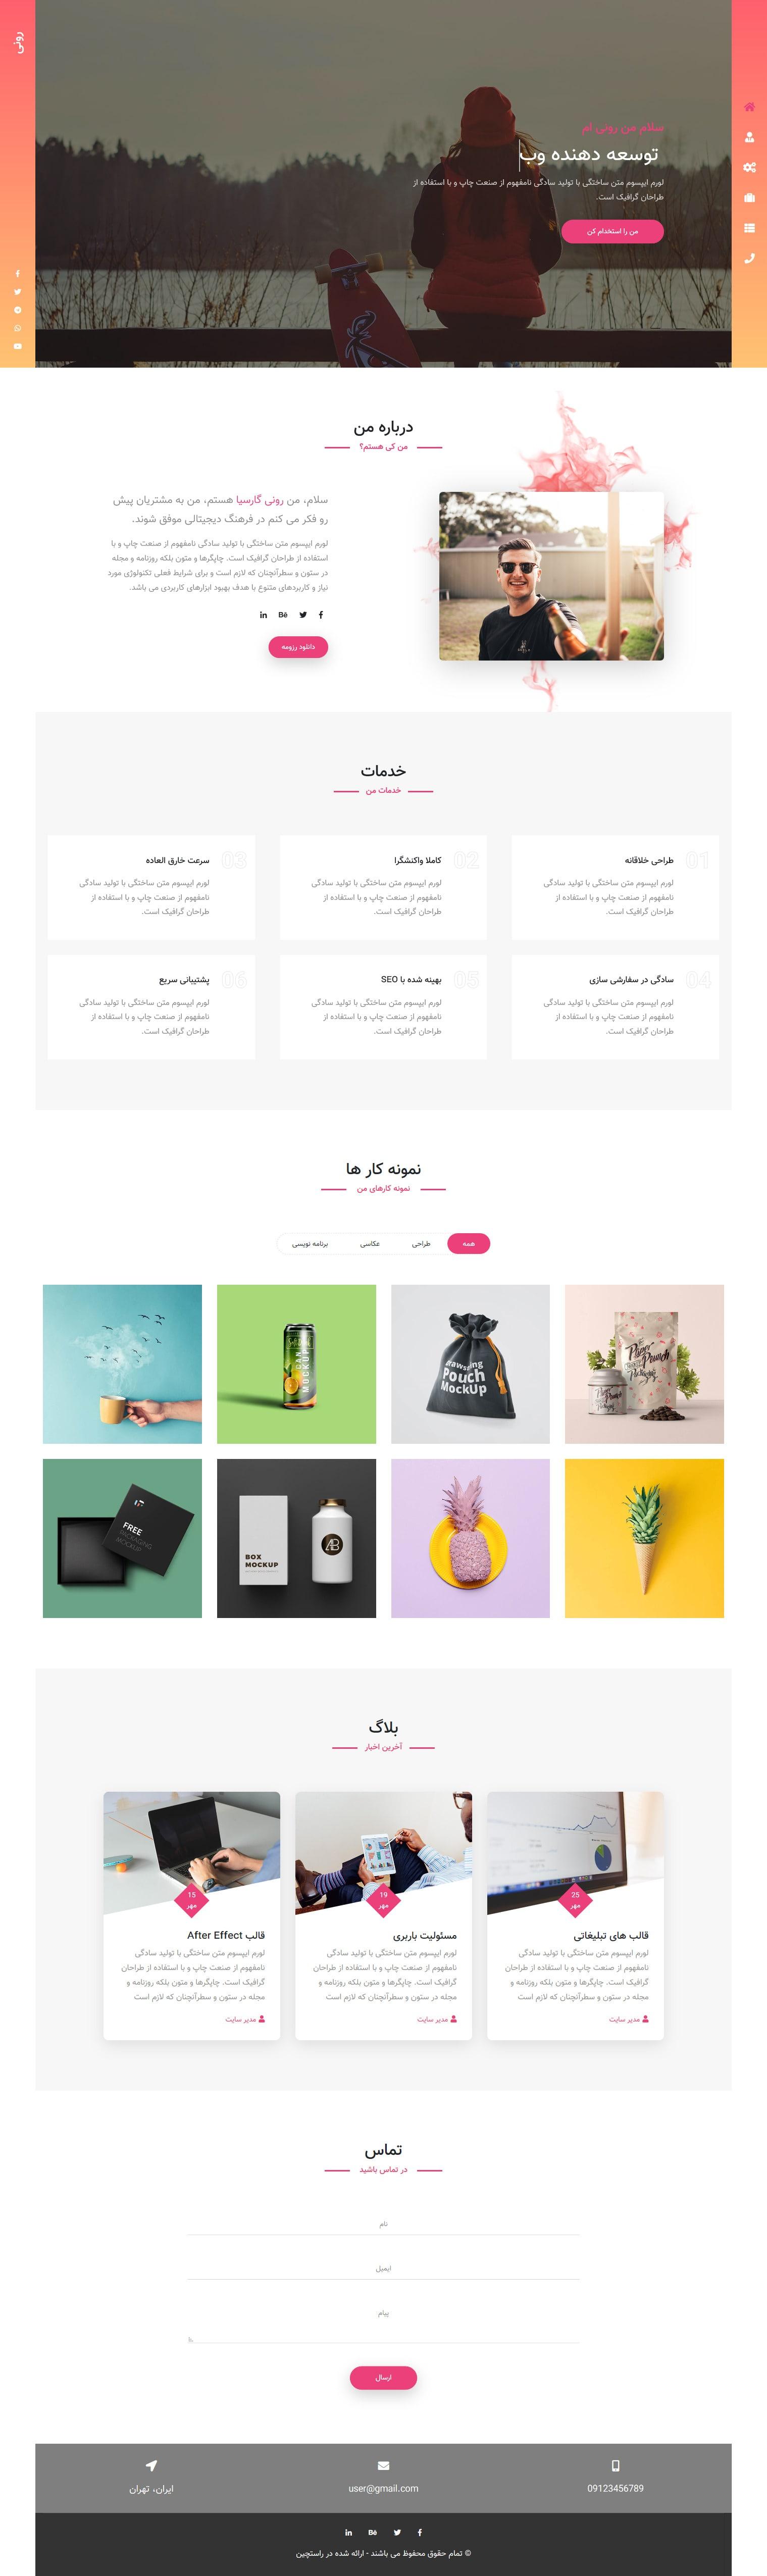 قالب رونی | قالب HTML خلاقانه و شخصی